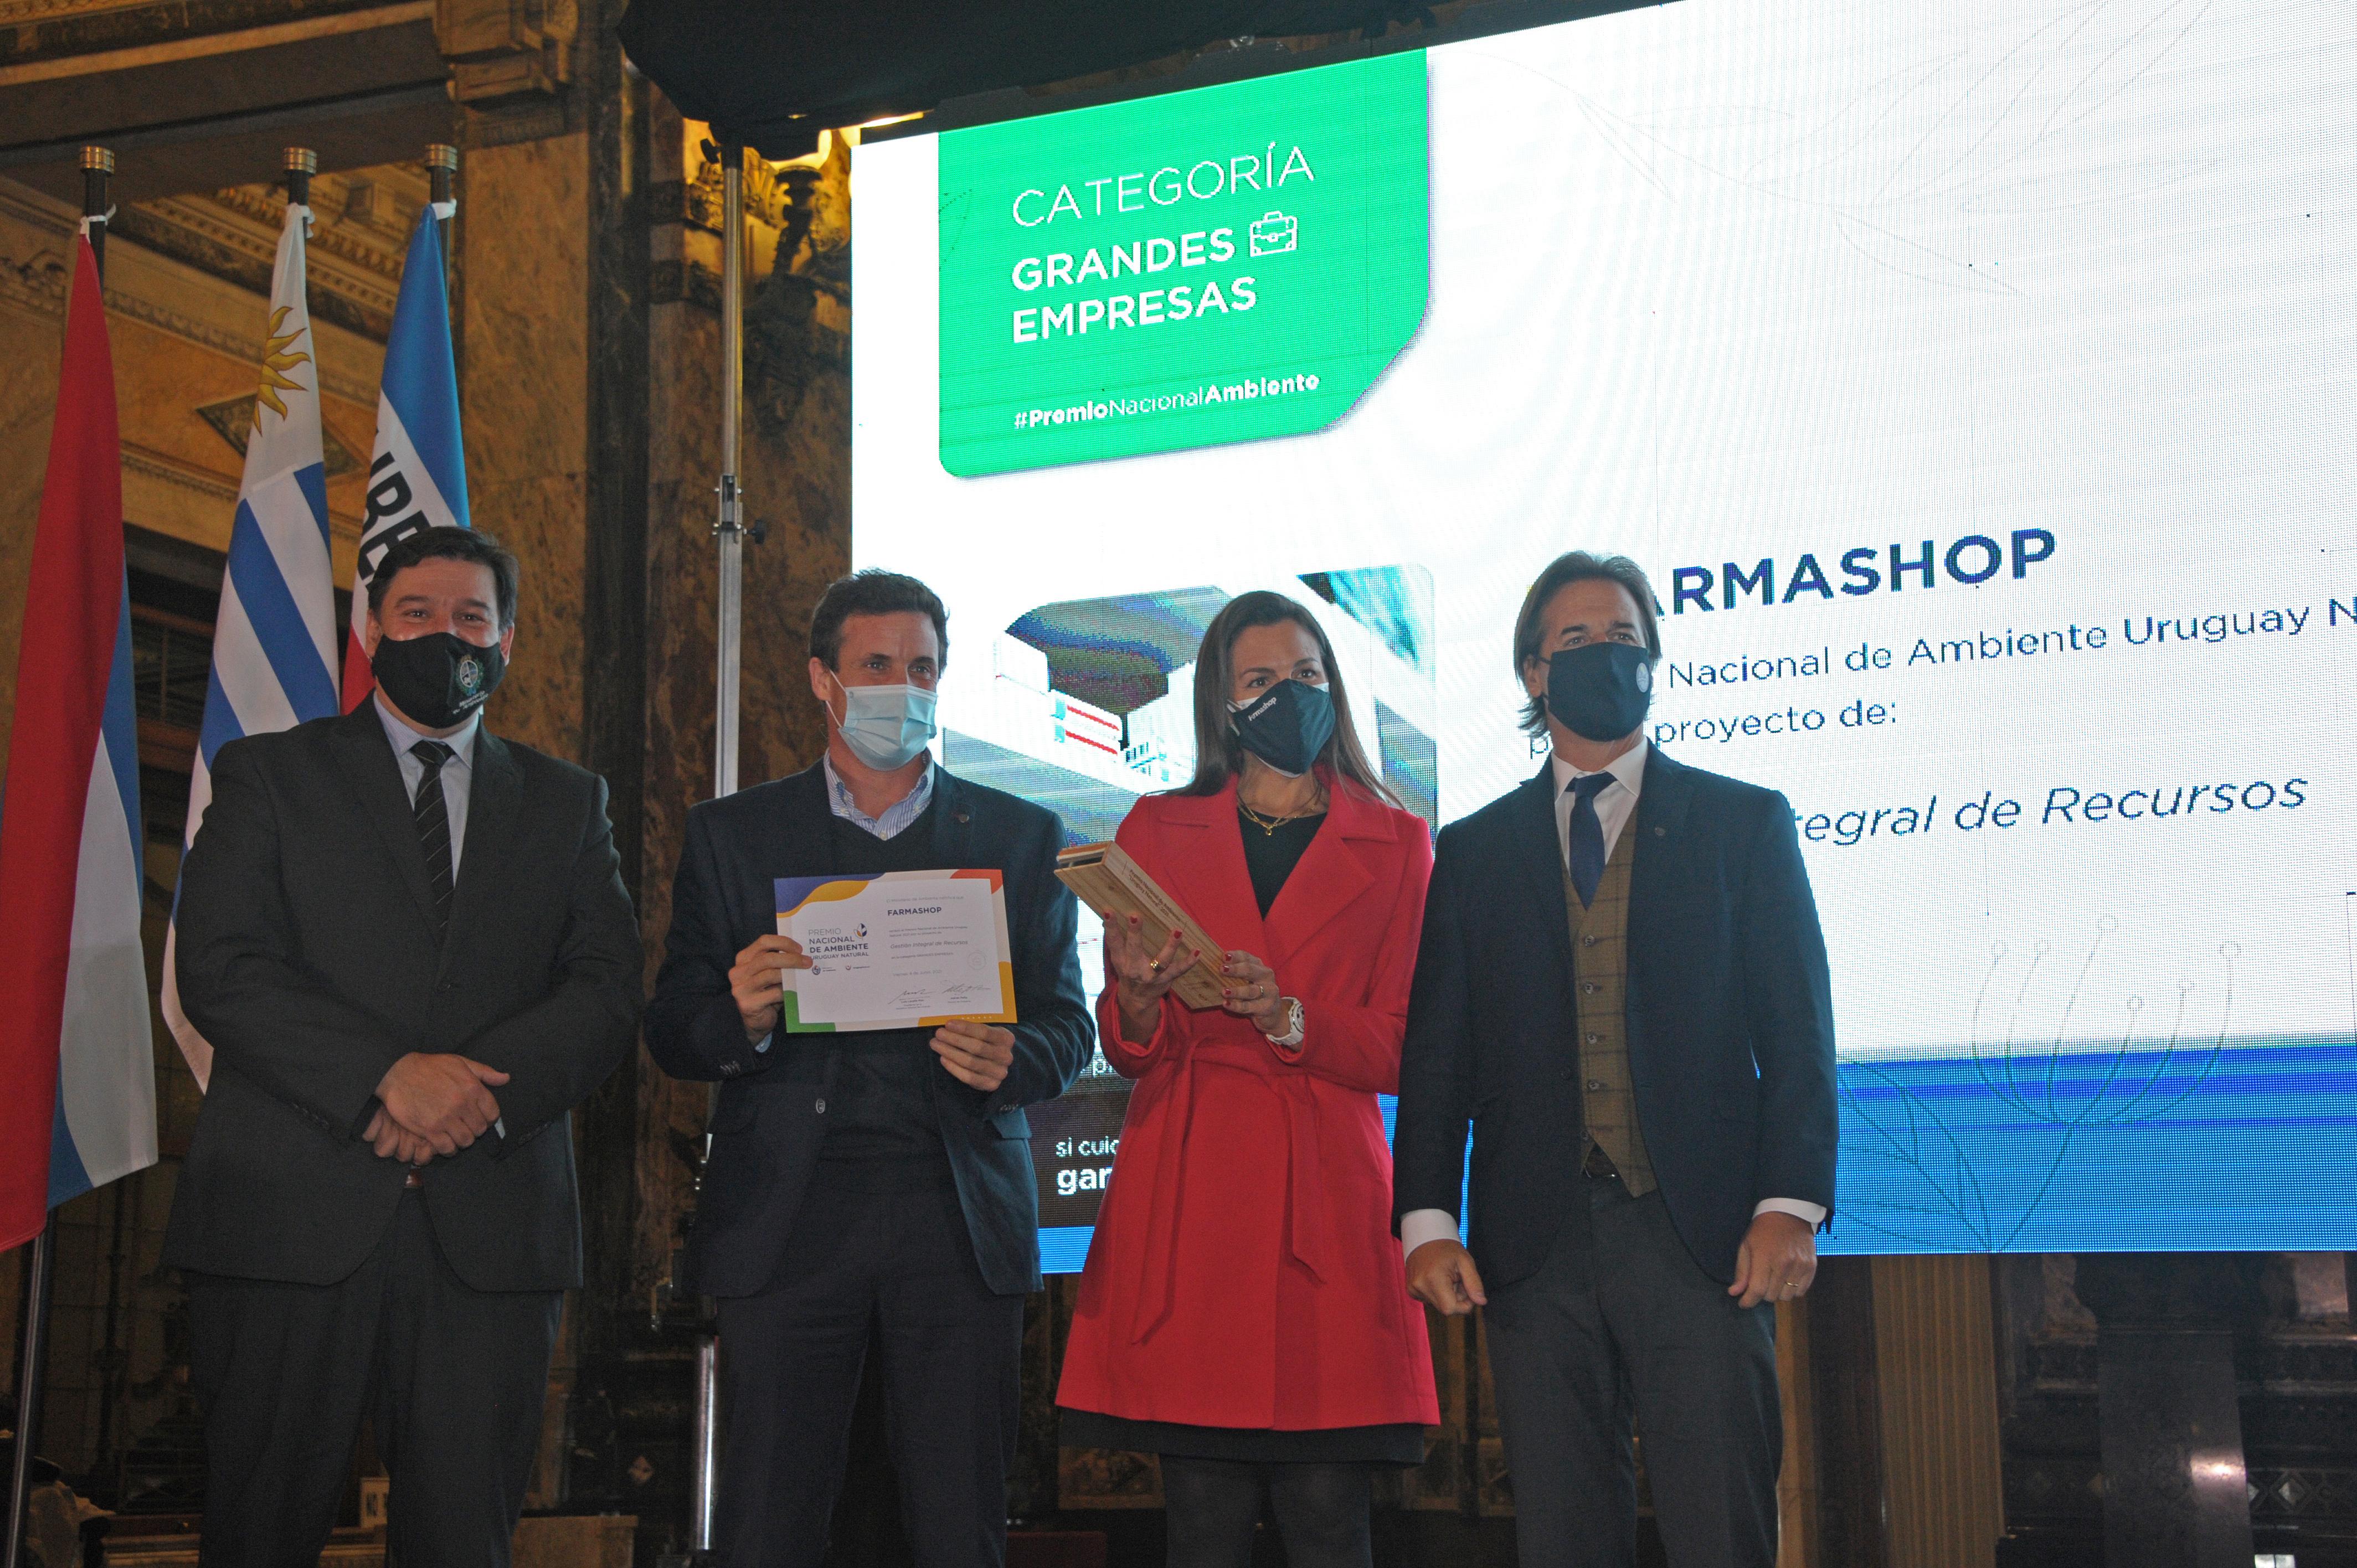 Entrega de premios a proyectos que contribuyen al cuidado del medio ambiente